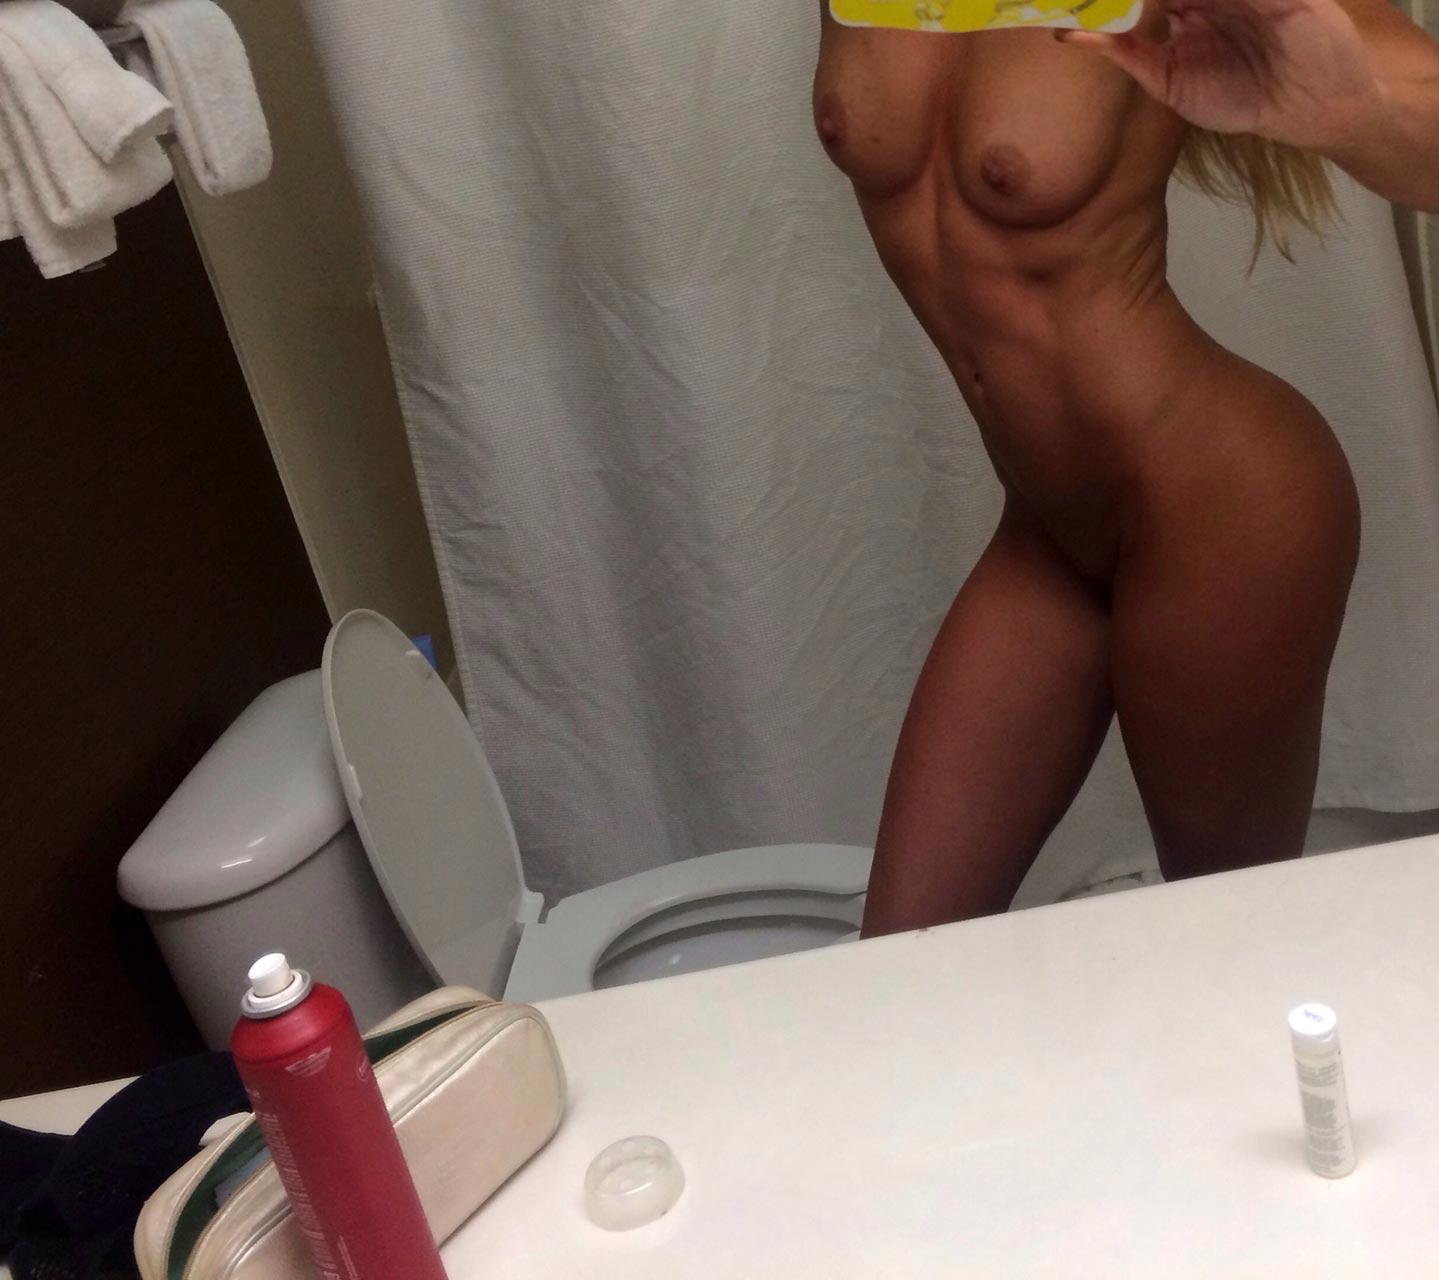 Nude sommerray FULL VIDEO: